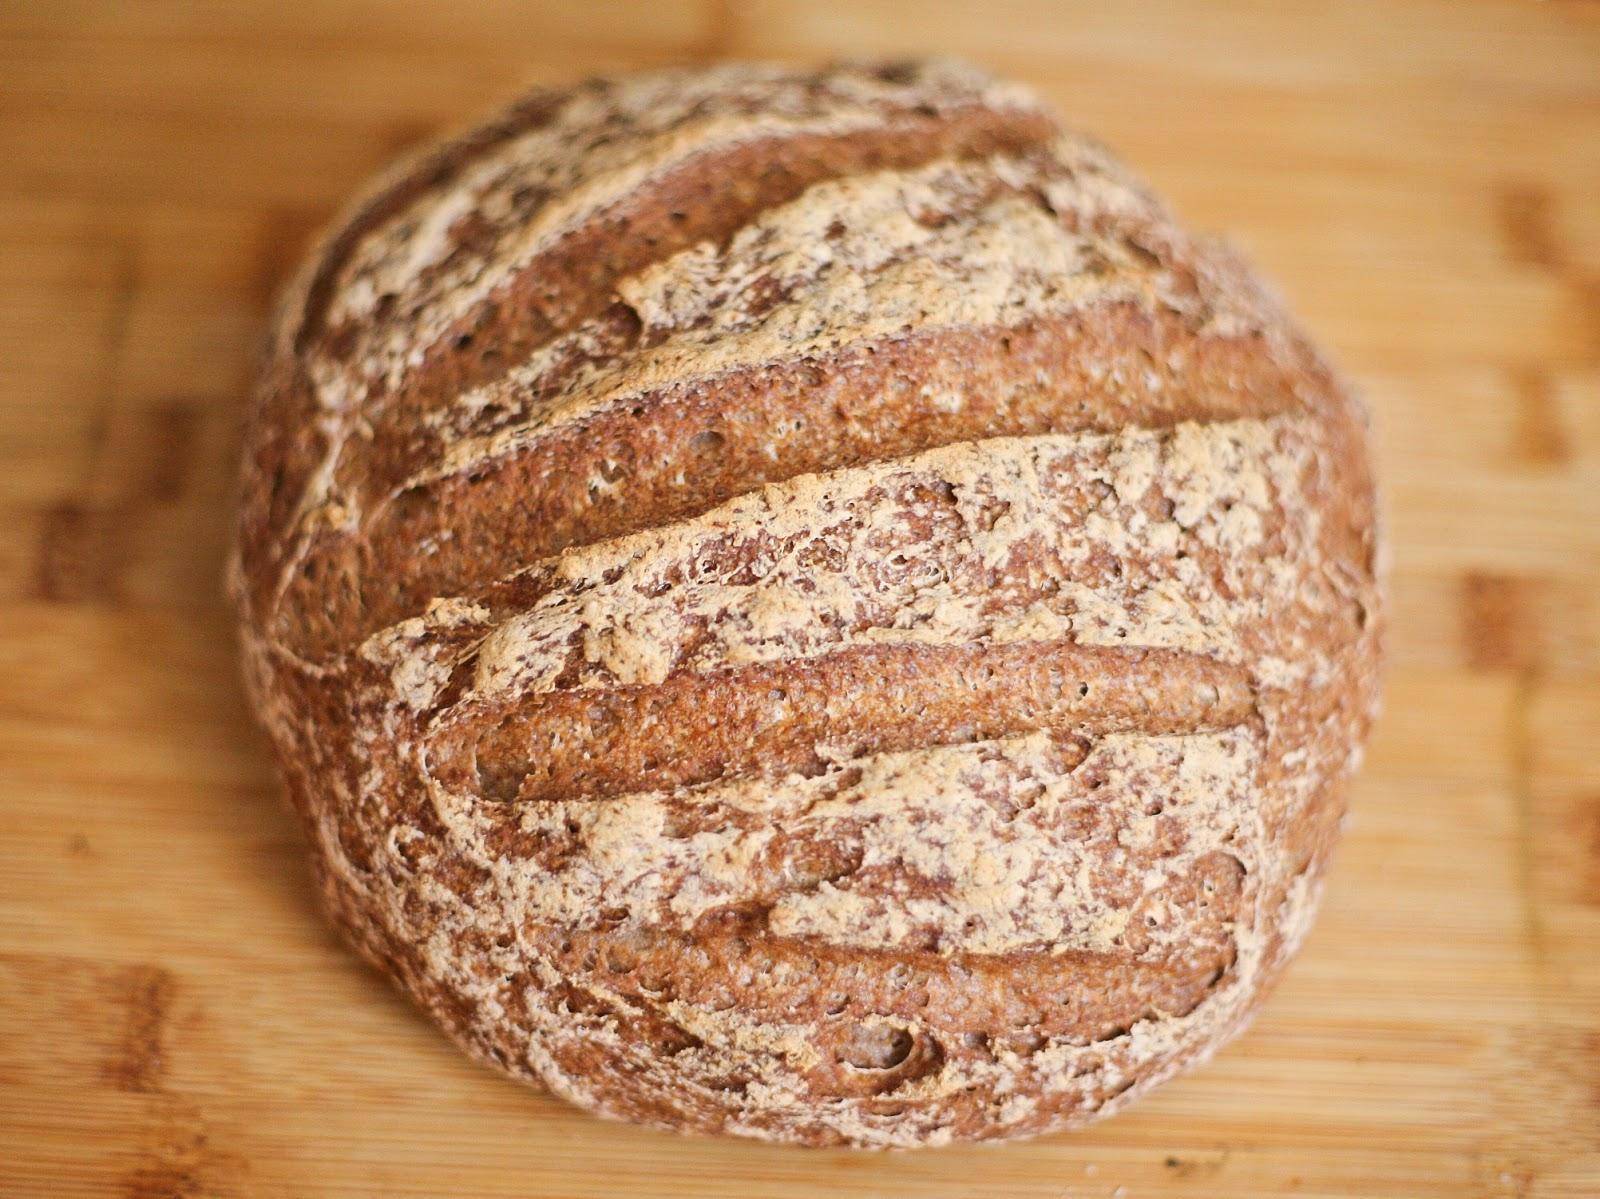 Gluten-free Gourmand: Gluten-free Bread - Large Round Loaf